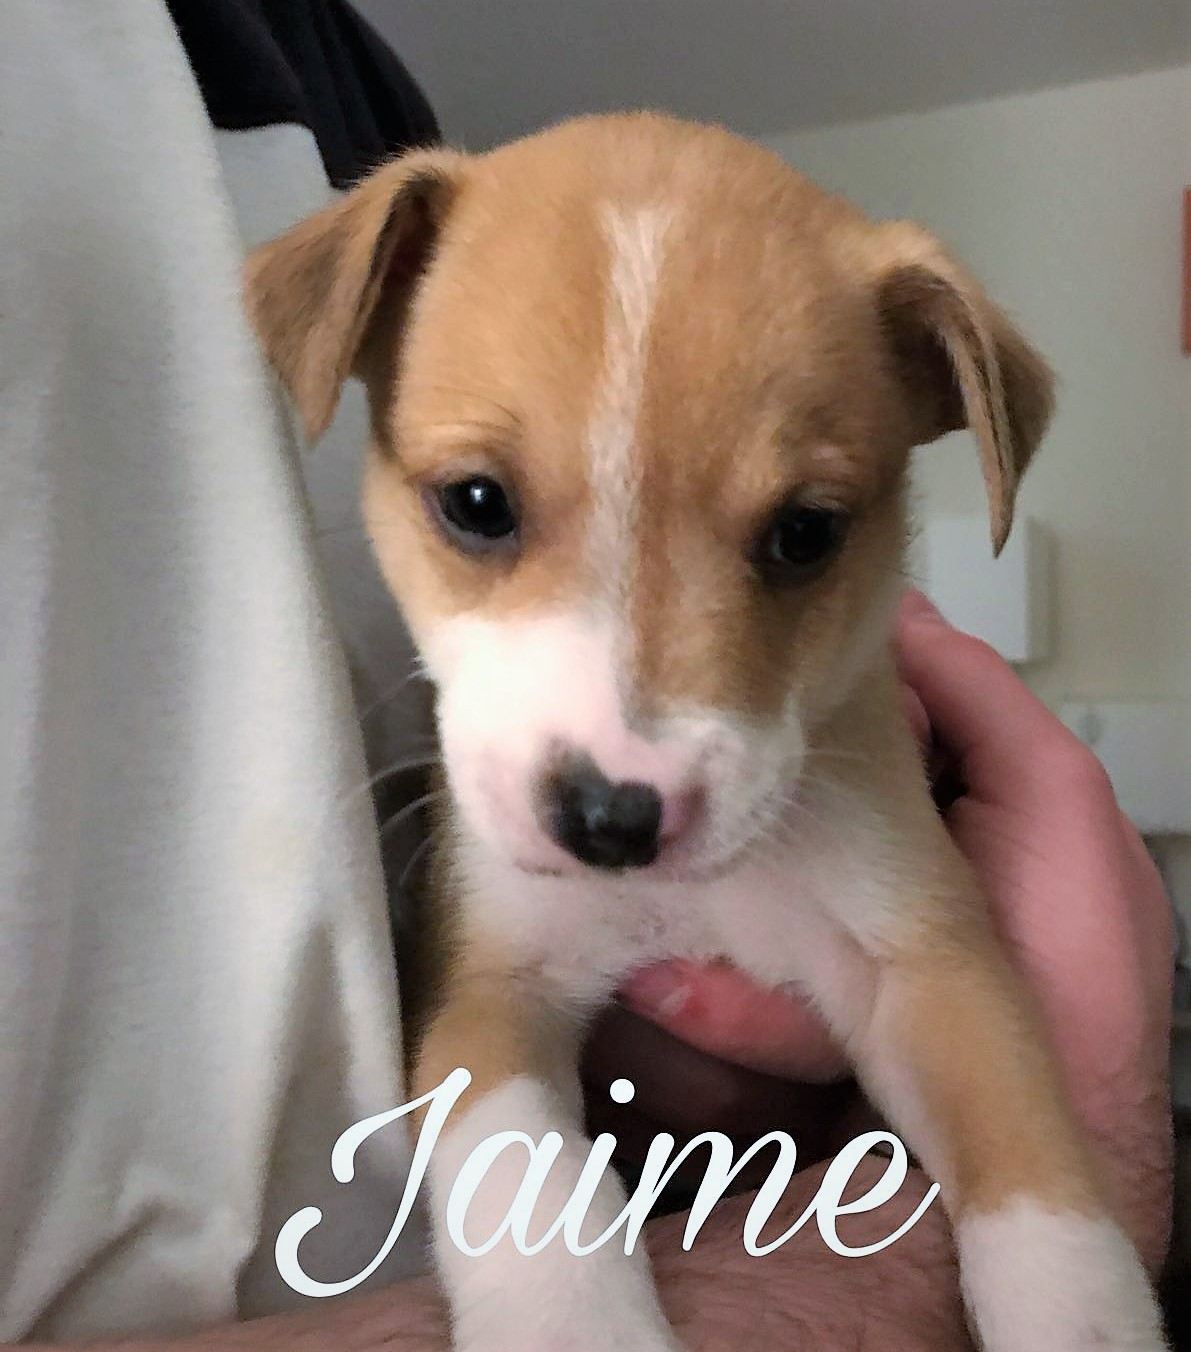 jaime_1.JPG